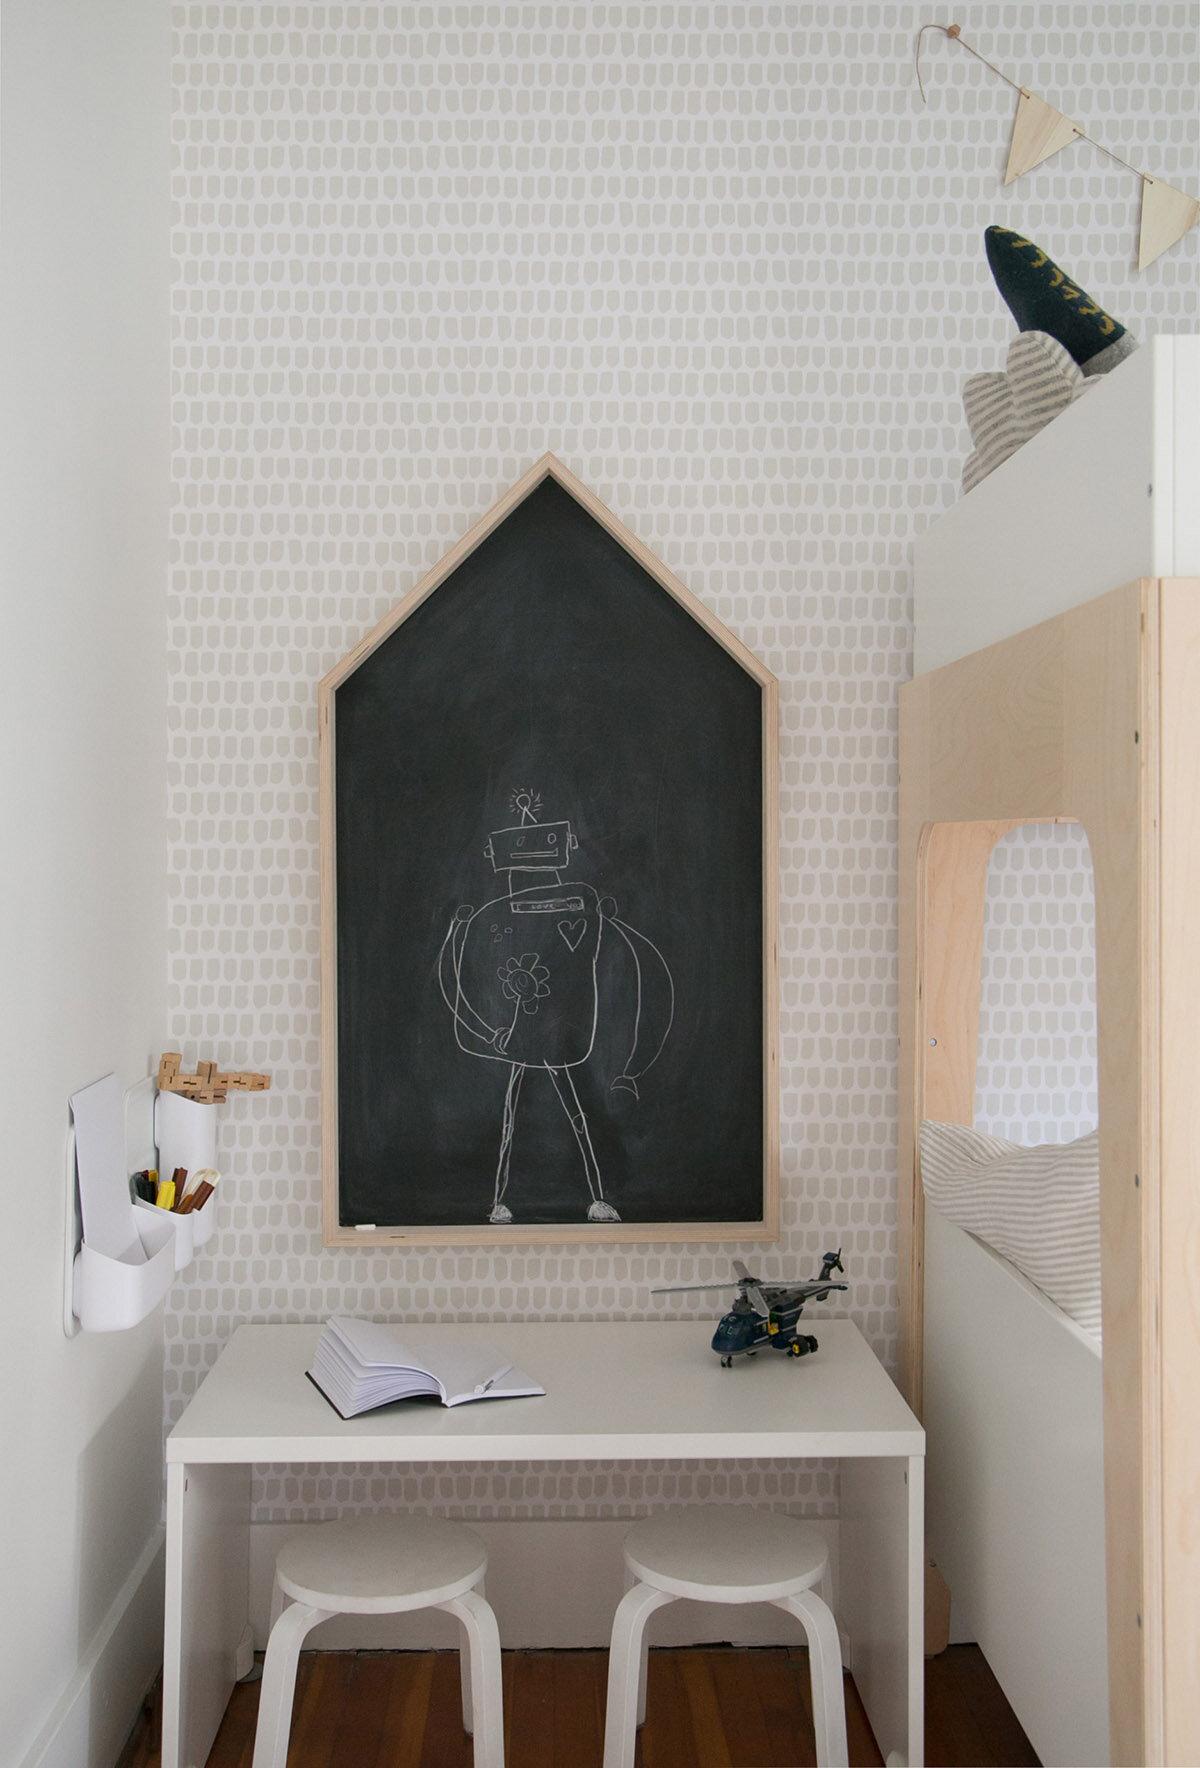 house shaped chalkboard in kids room